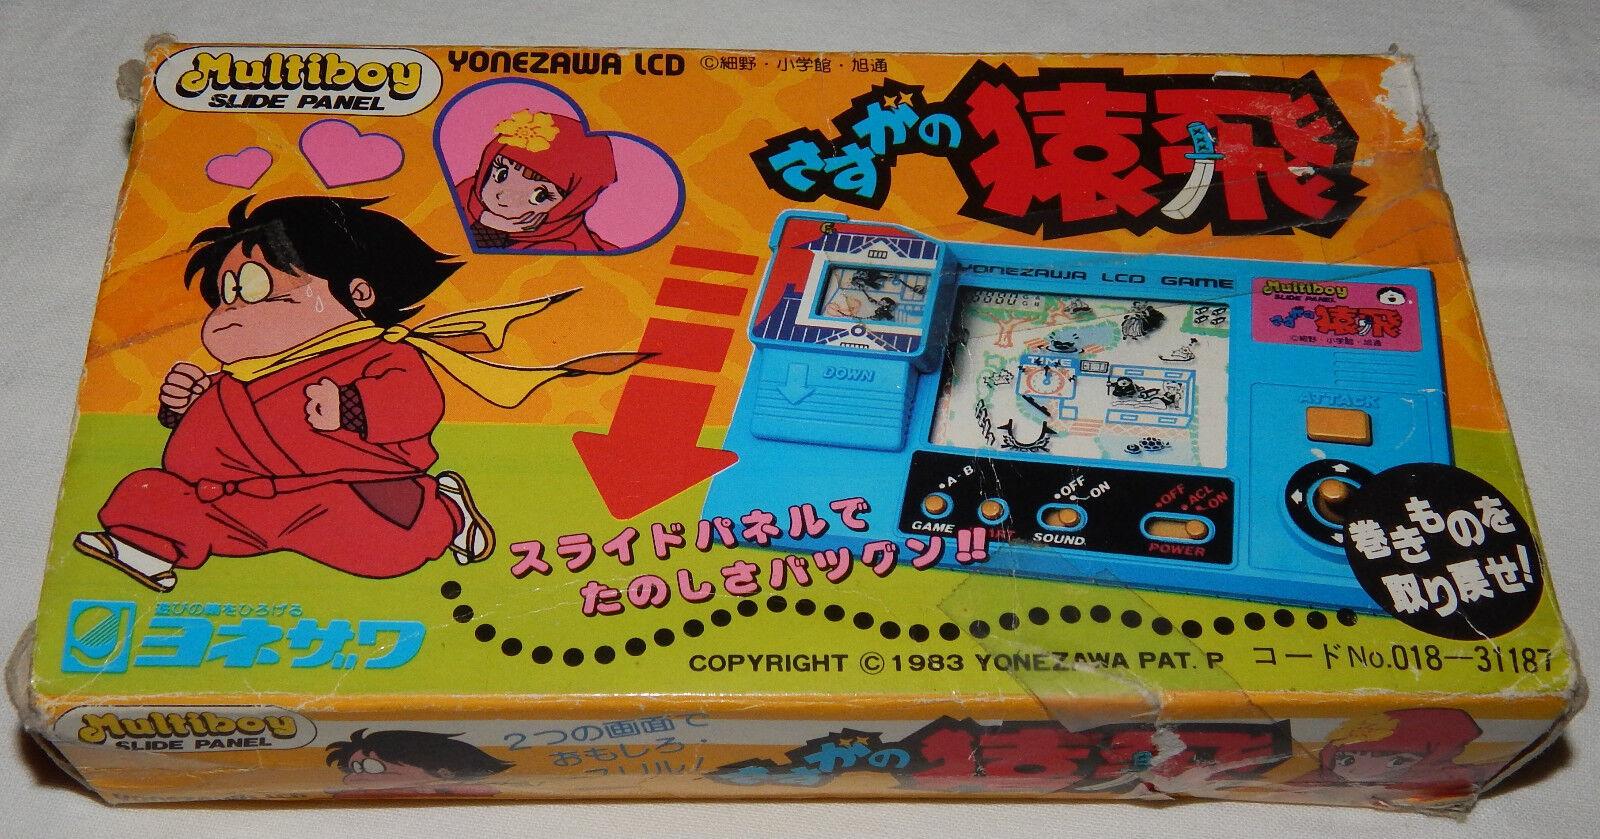 VINTAGE YONEZAWA NINJA MULTIBOY SLIDEPANEL LCD HANDHELD GAME WATCH BOX BOXED G&W